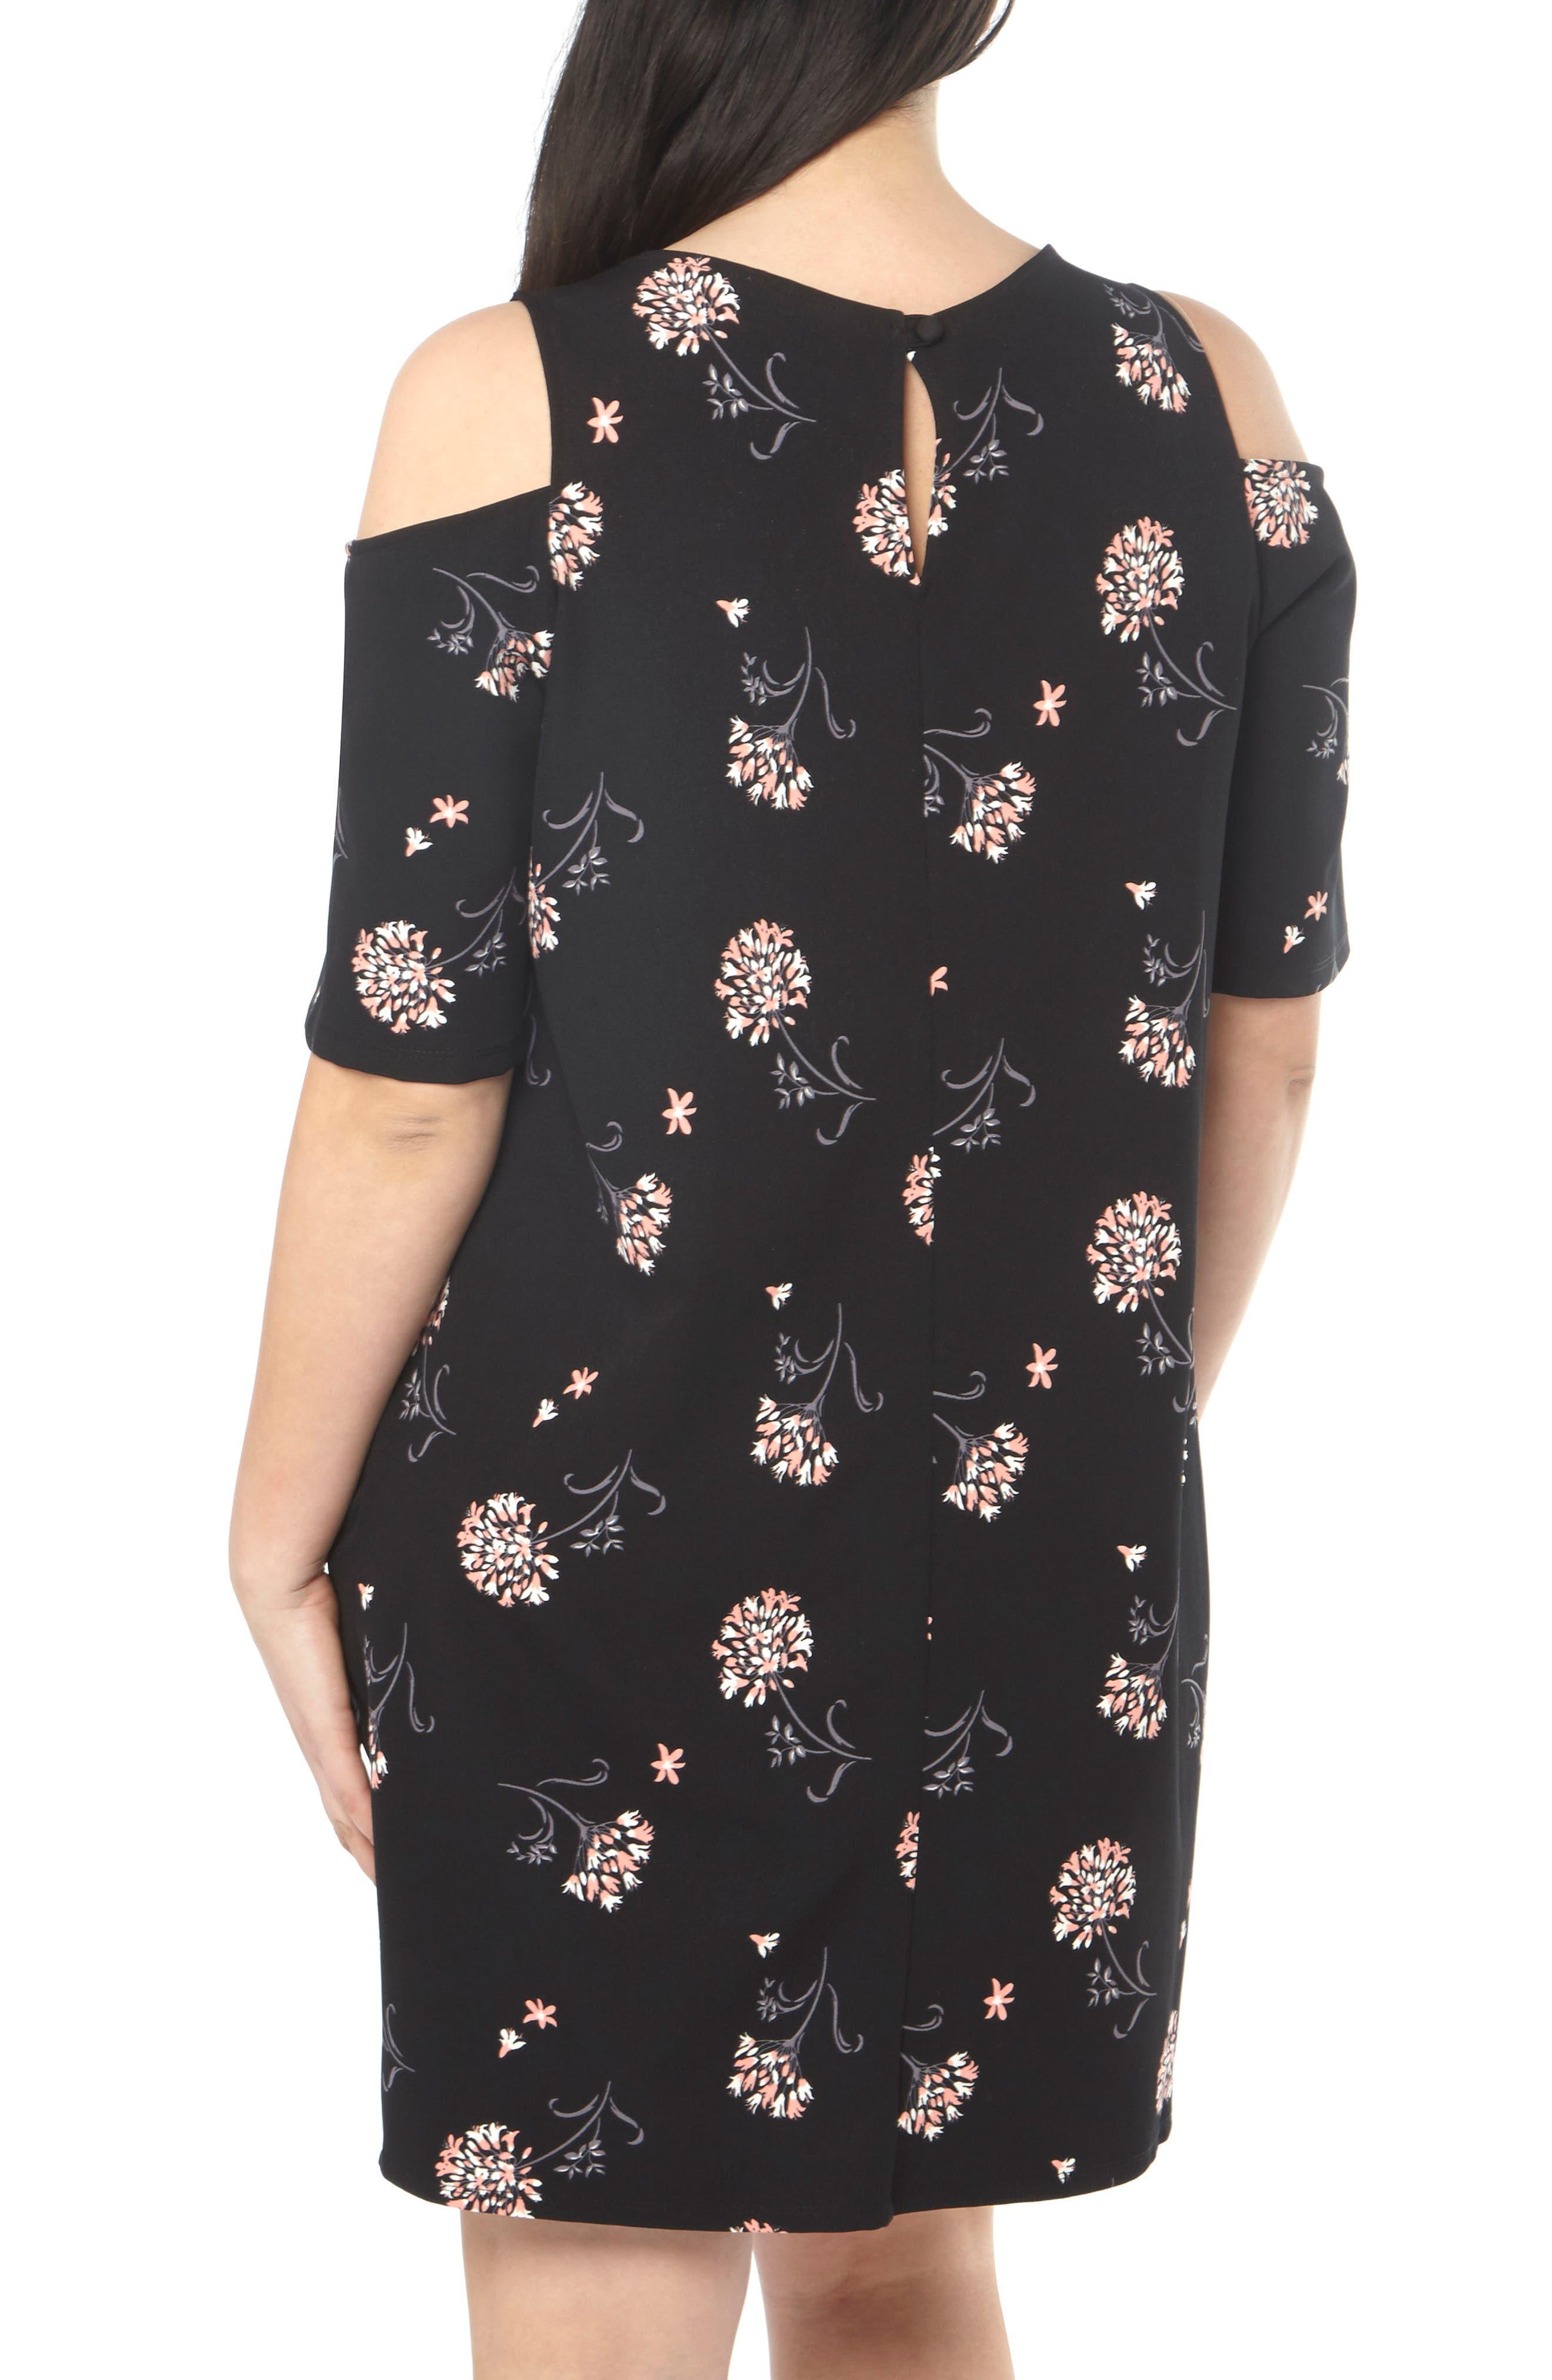 Floral Cold Shoulder Shift Dress,                             Alternate thumbnail 2, color,                             001